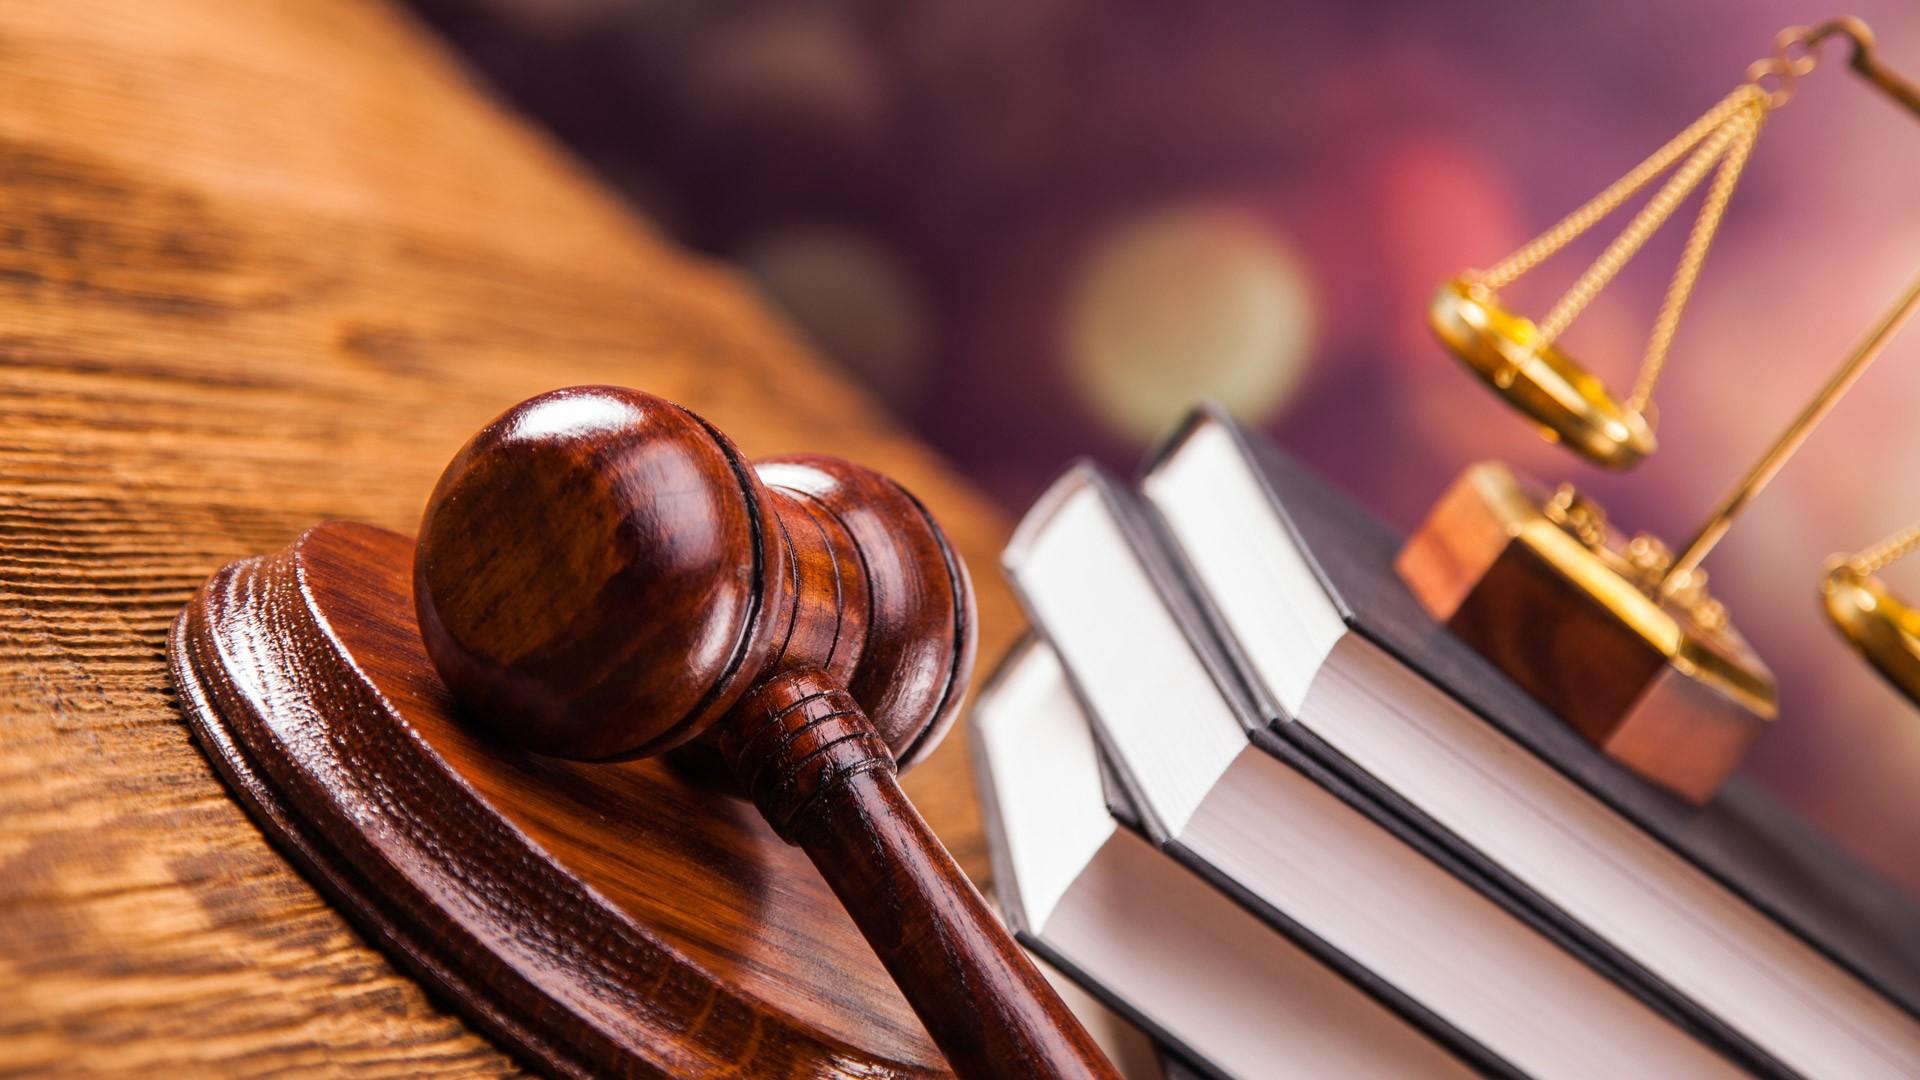 В Орле потребитель через суд получил деньги за некачественный товар